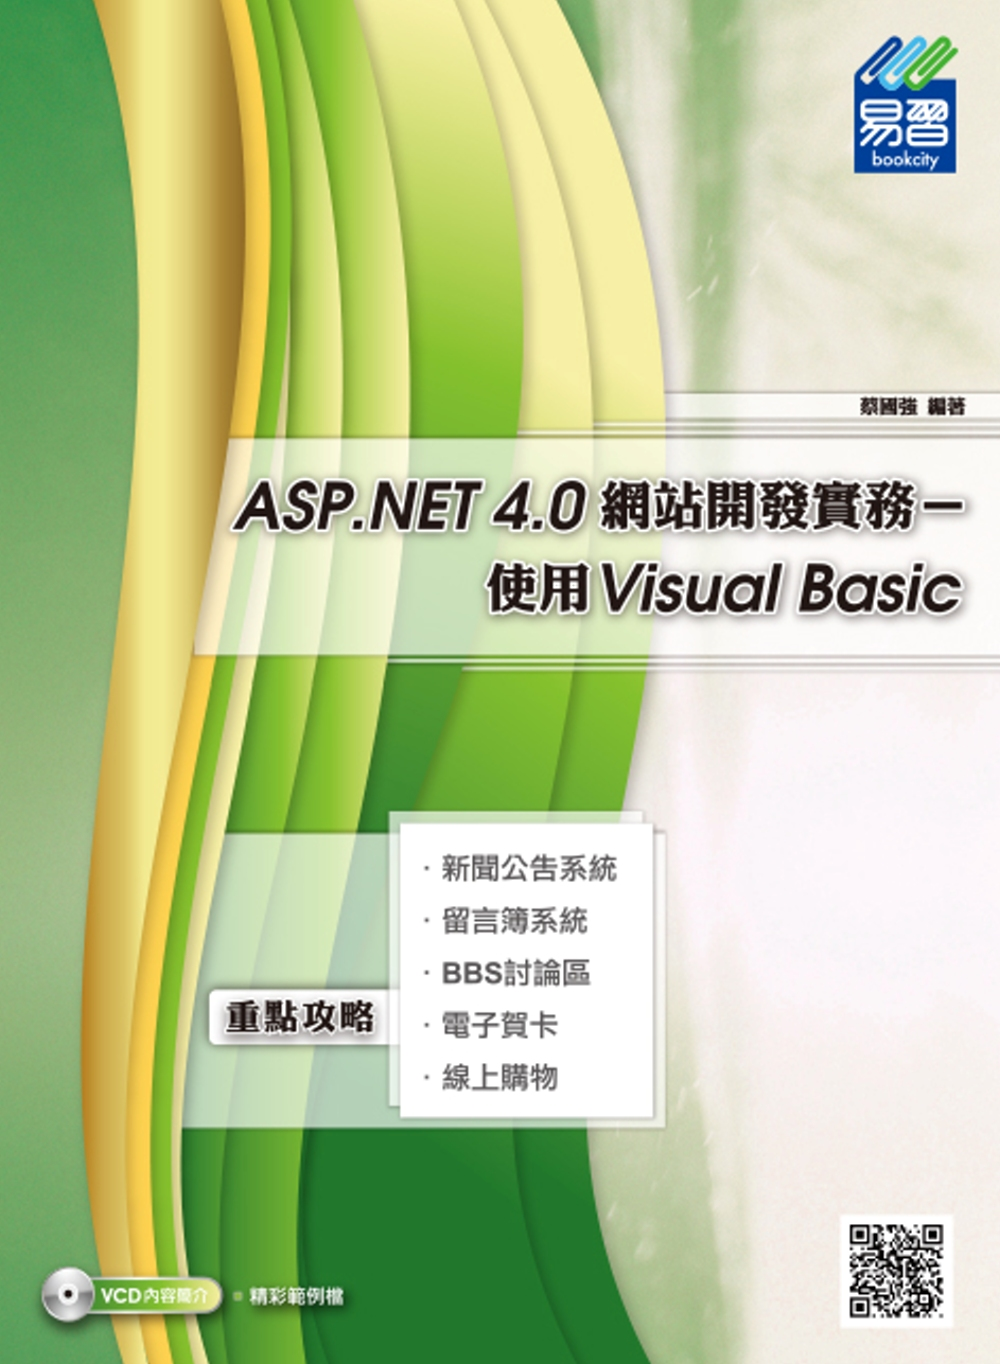 ASP.NET 4.0網站開發實務:使用Visual Basic(附光碟)